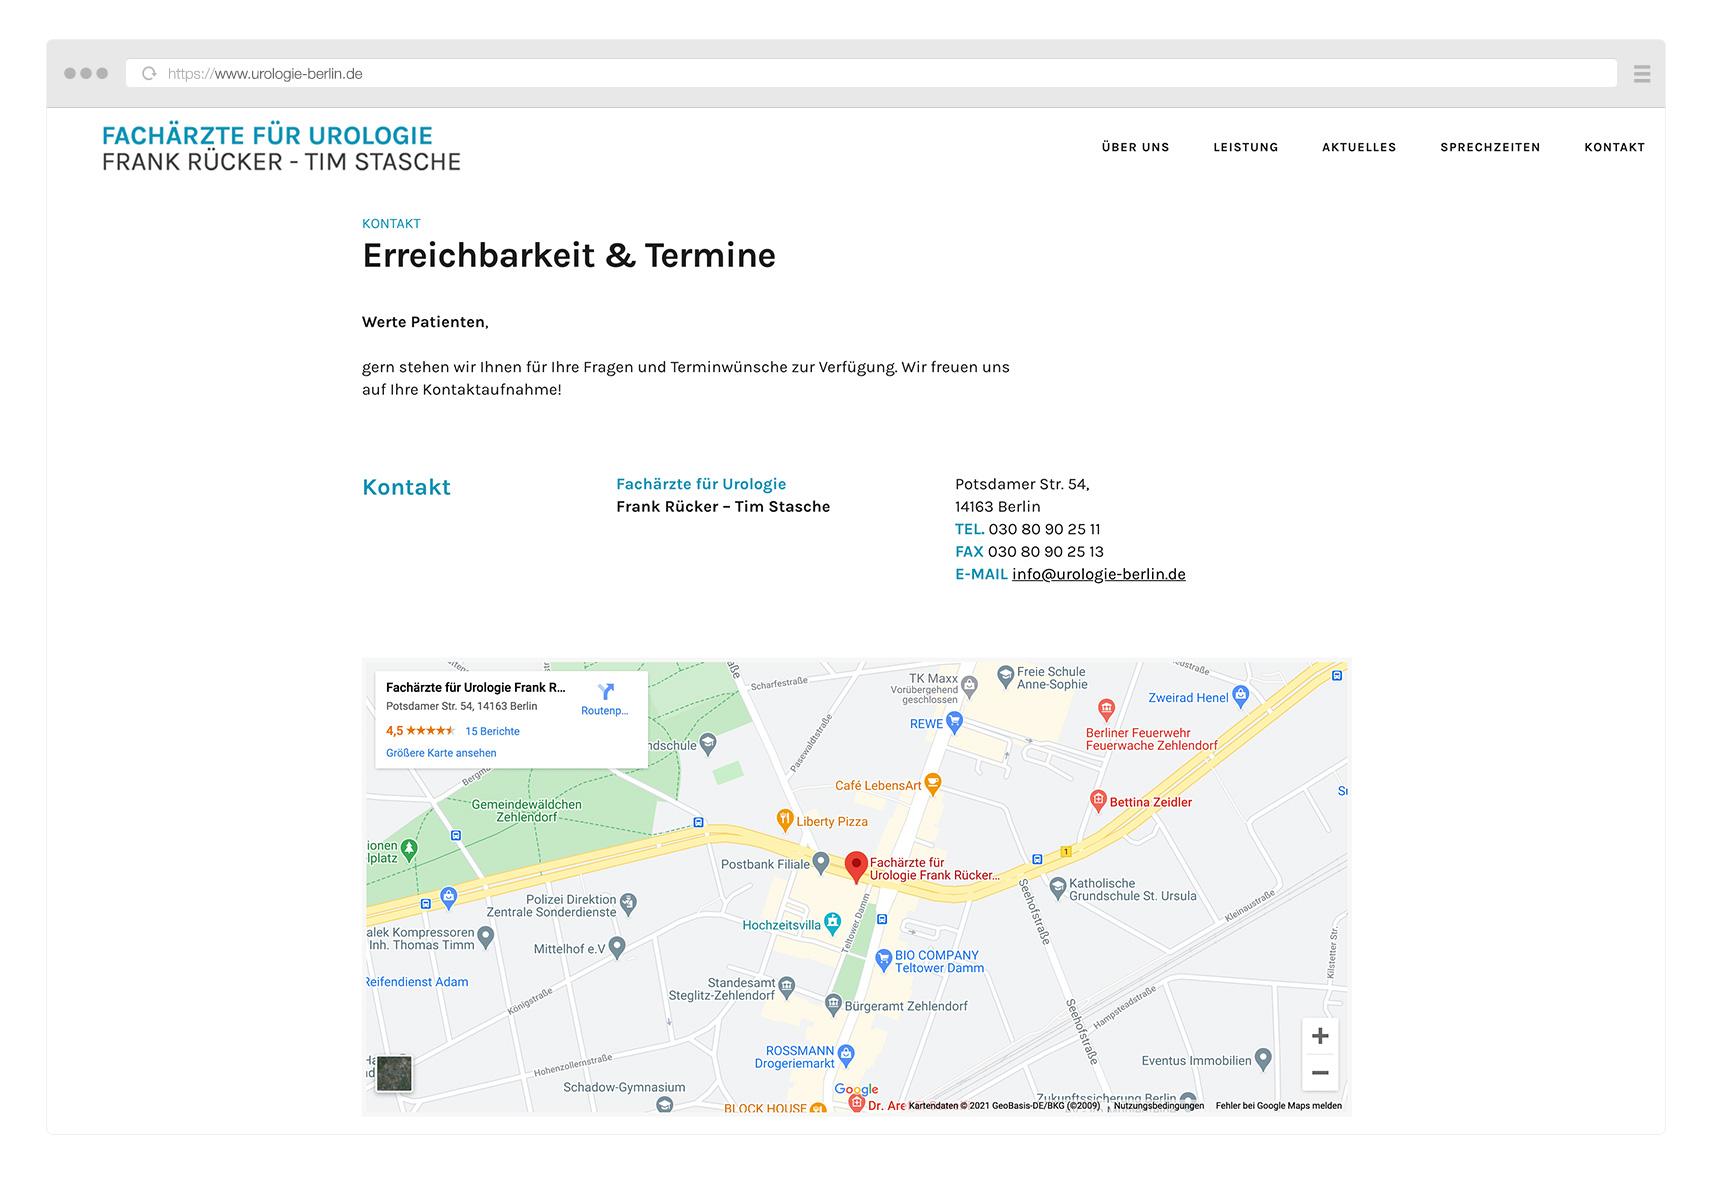 Urologie-Berlin_Frank_Rücker_Website_Standort